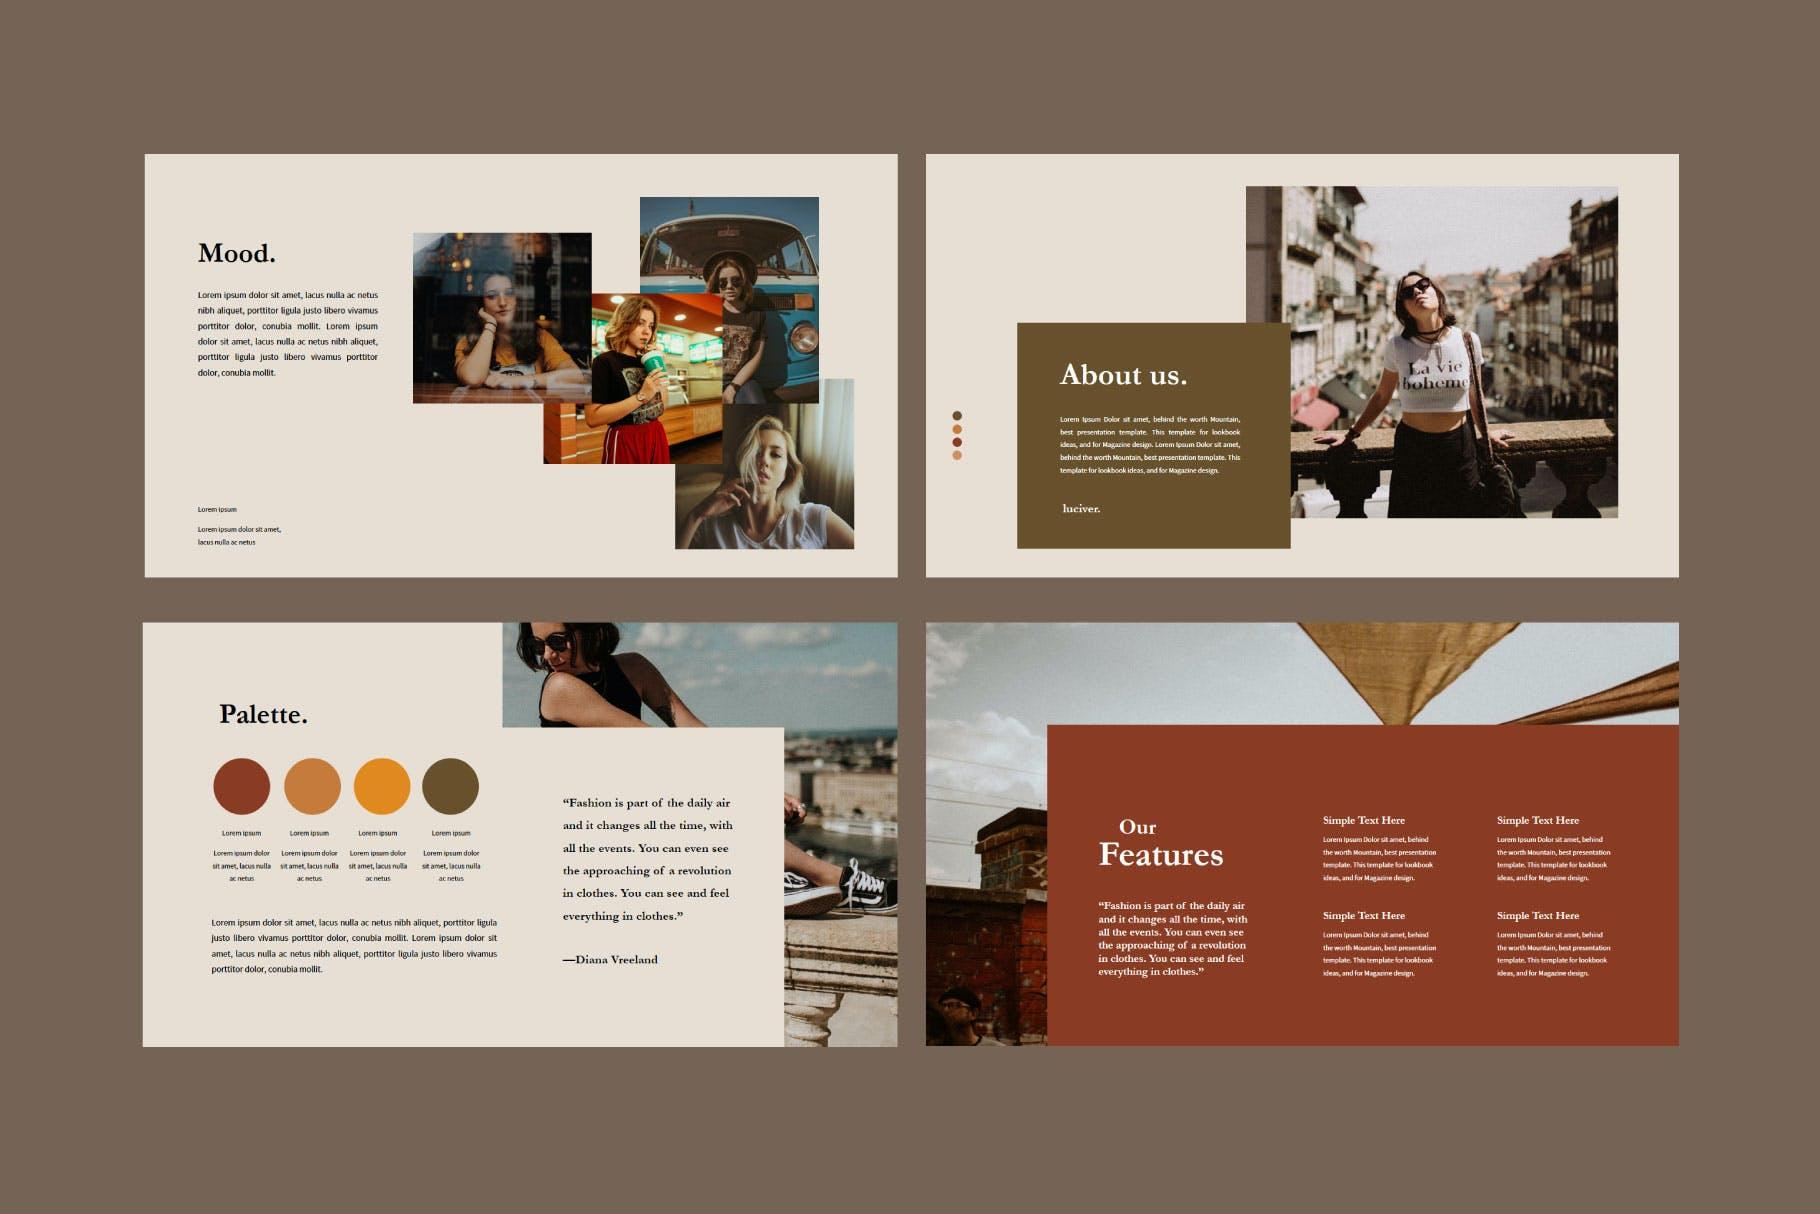 幻灯片模板旅行博主分享PPT Luciver – Powerpoint Template设计素材模板